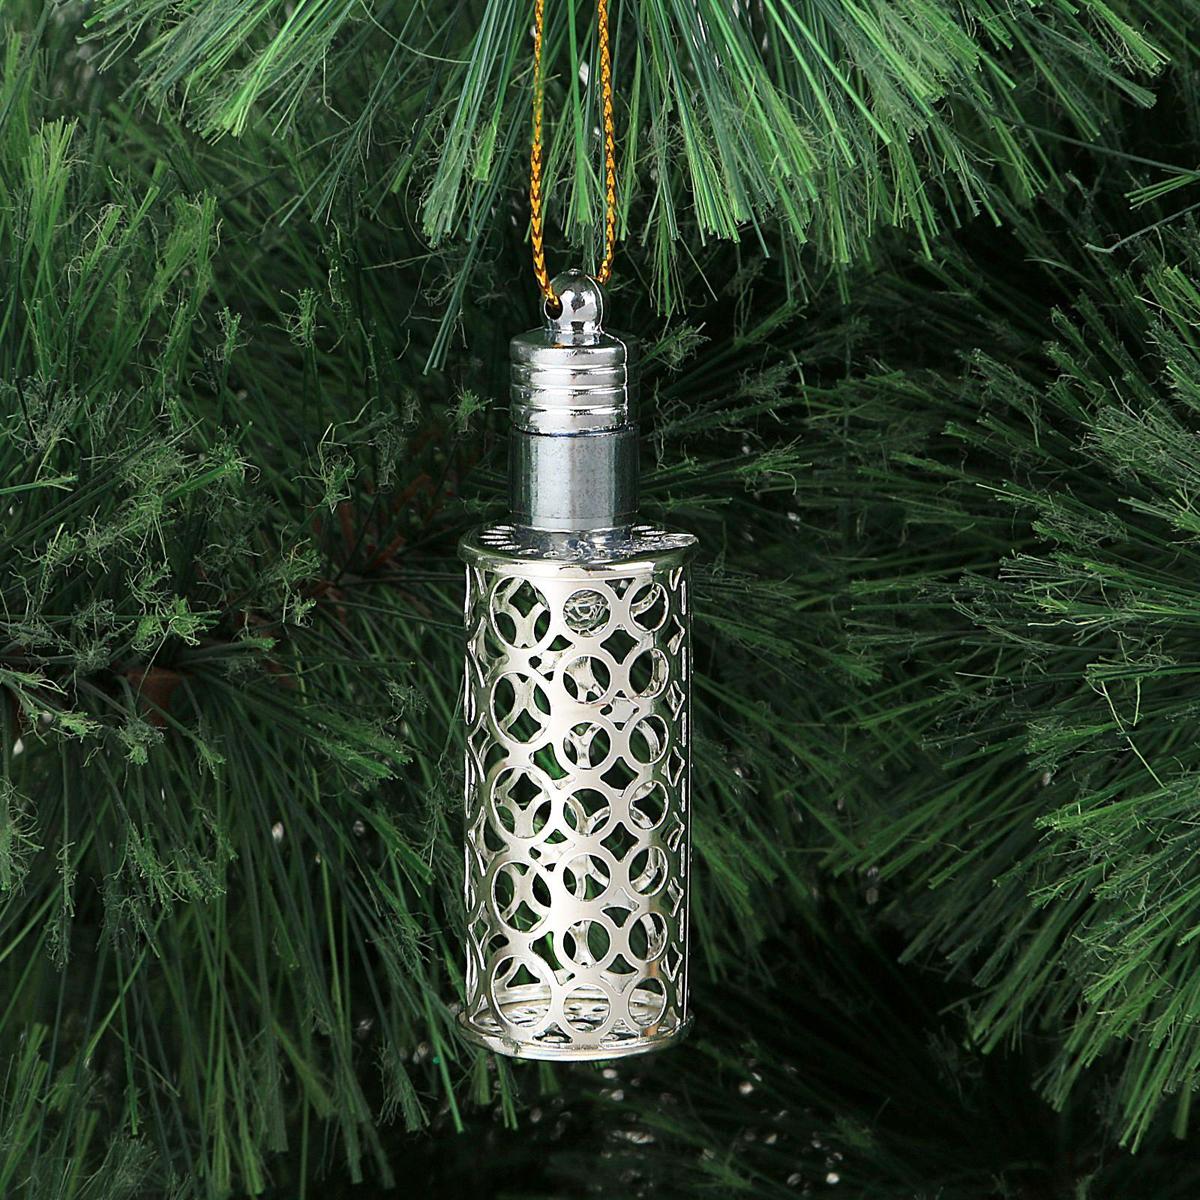 Украшение новогоднее подвесное Luazon Lighting Фонарик, световое, цвет: серебристый, 7 см2327164Световая новогодняя подвеска Luazon Lighting выполнена из металла в виде фонарика. Елочное украшение выглядит как простая елочная игрушка днем, но при этом остается видимой вечером.Просто включите изделие с наступлением темноты, и оно украсит елку огоньками. Подвеска Luazon Lighting работает от батареек (входят в комплект) и пожаробезопасна, так как светодиоды не нагреваются, в отличие от ламп накаливания.